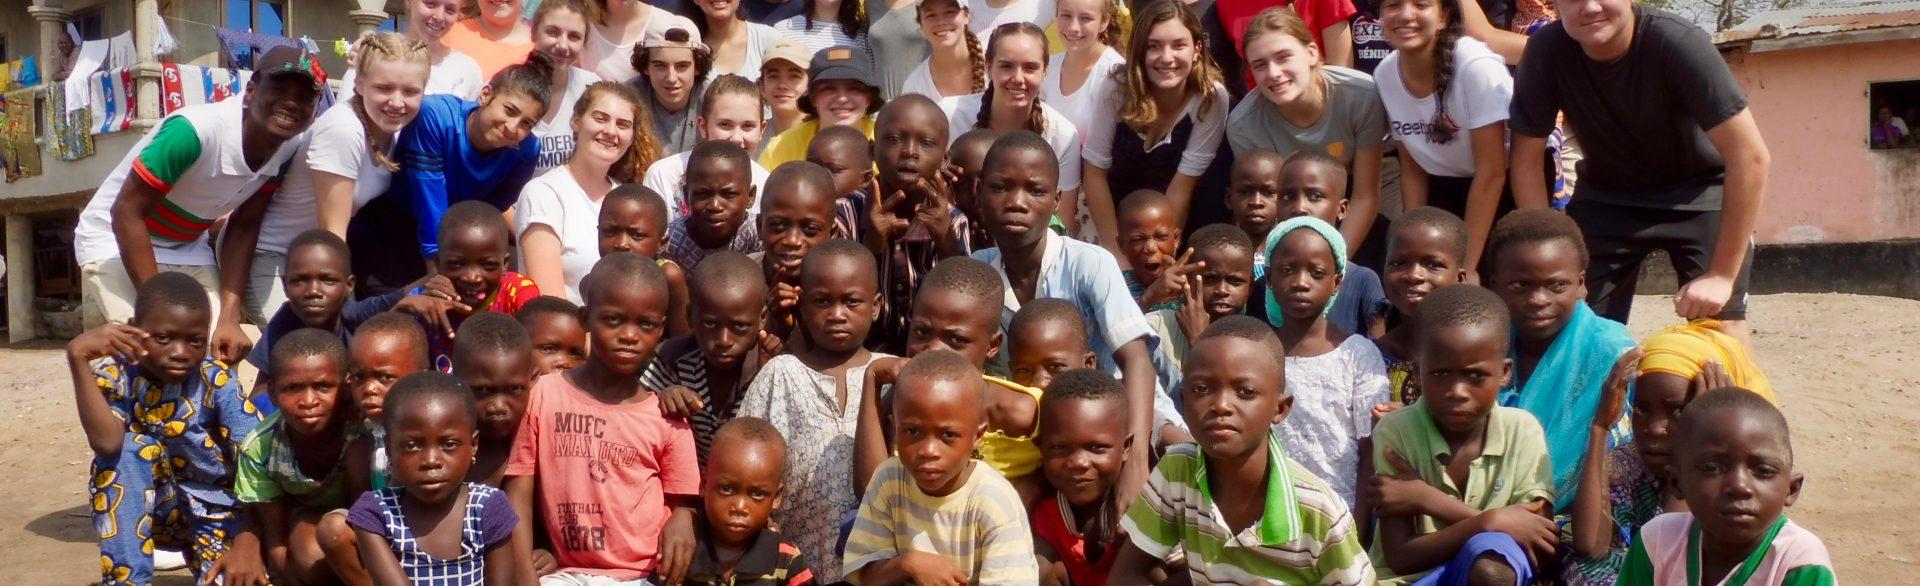 Recherche personne accompagnatrice de groupe – Bénin